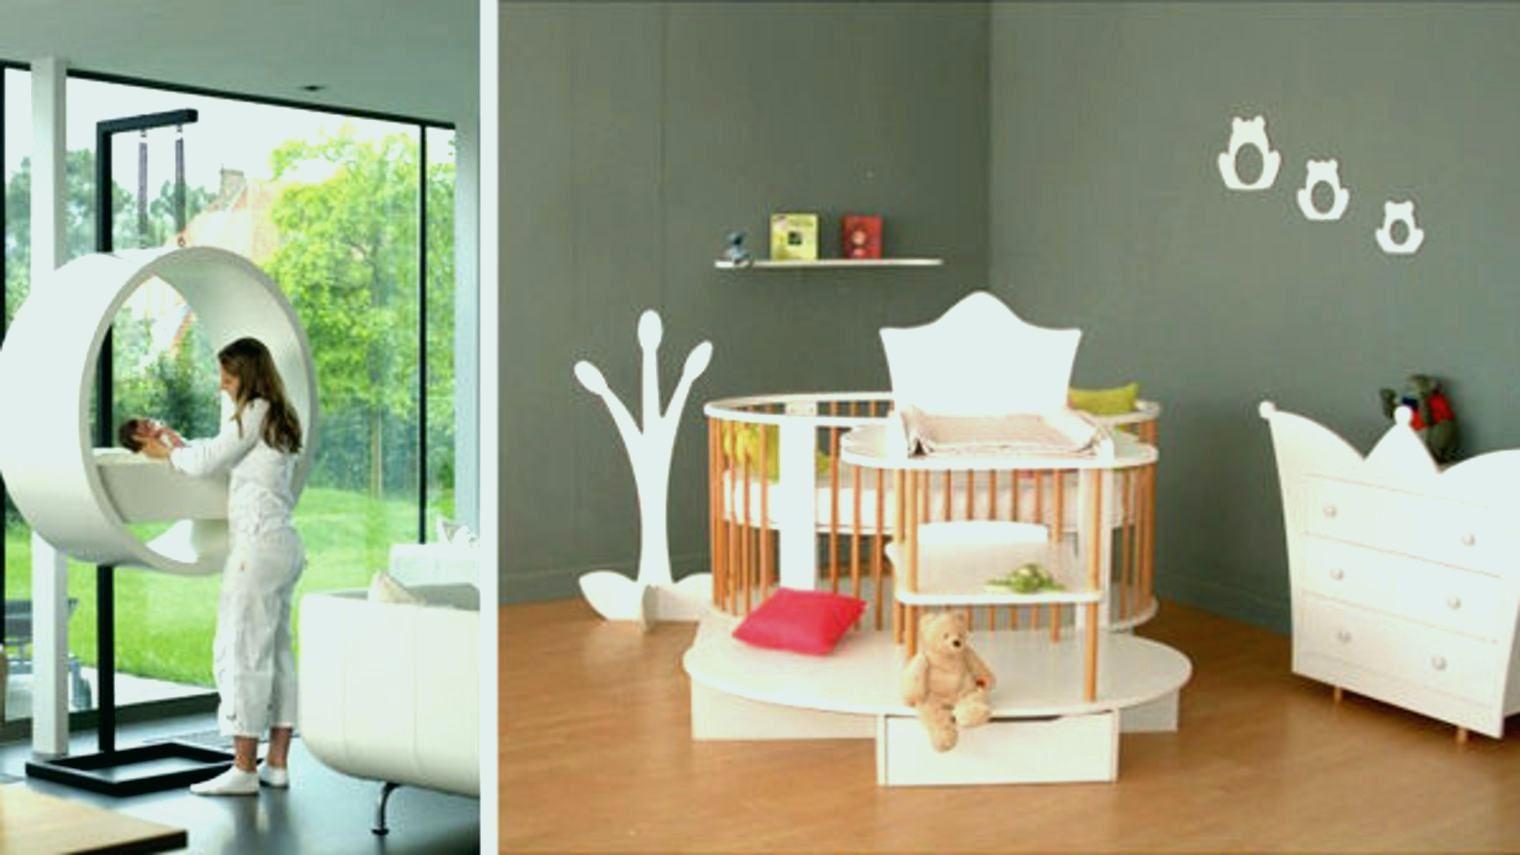 Lit Bebe Fait Maison Belle Beau Cabane Lit Pour Enfant